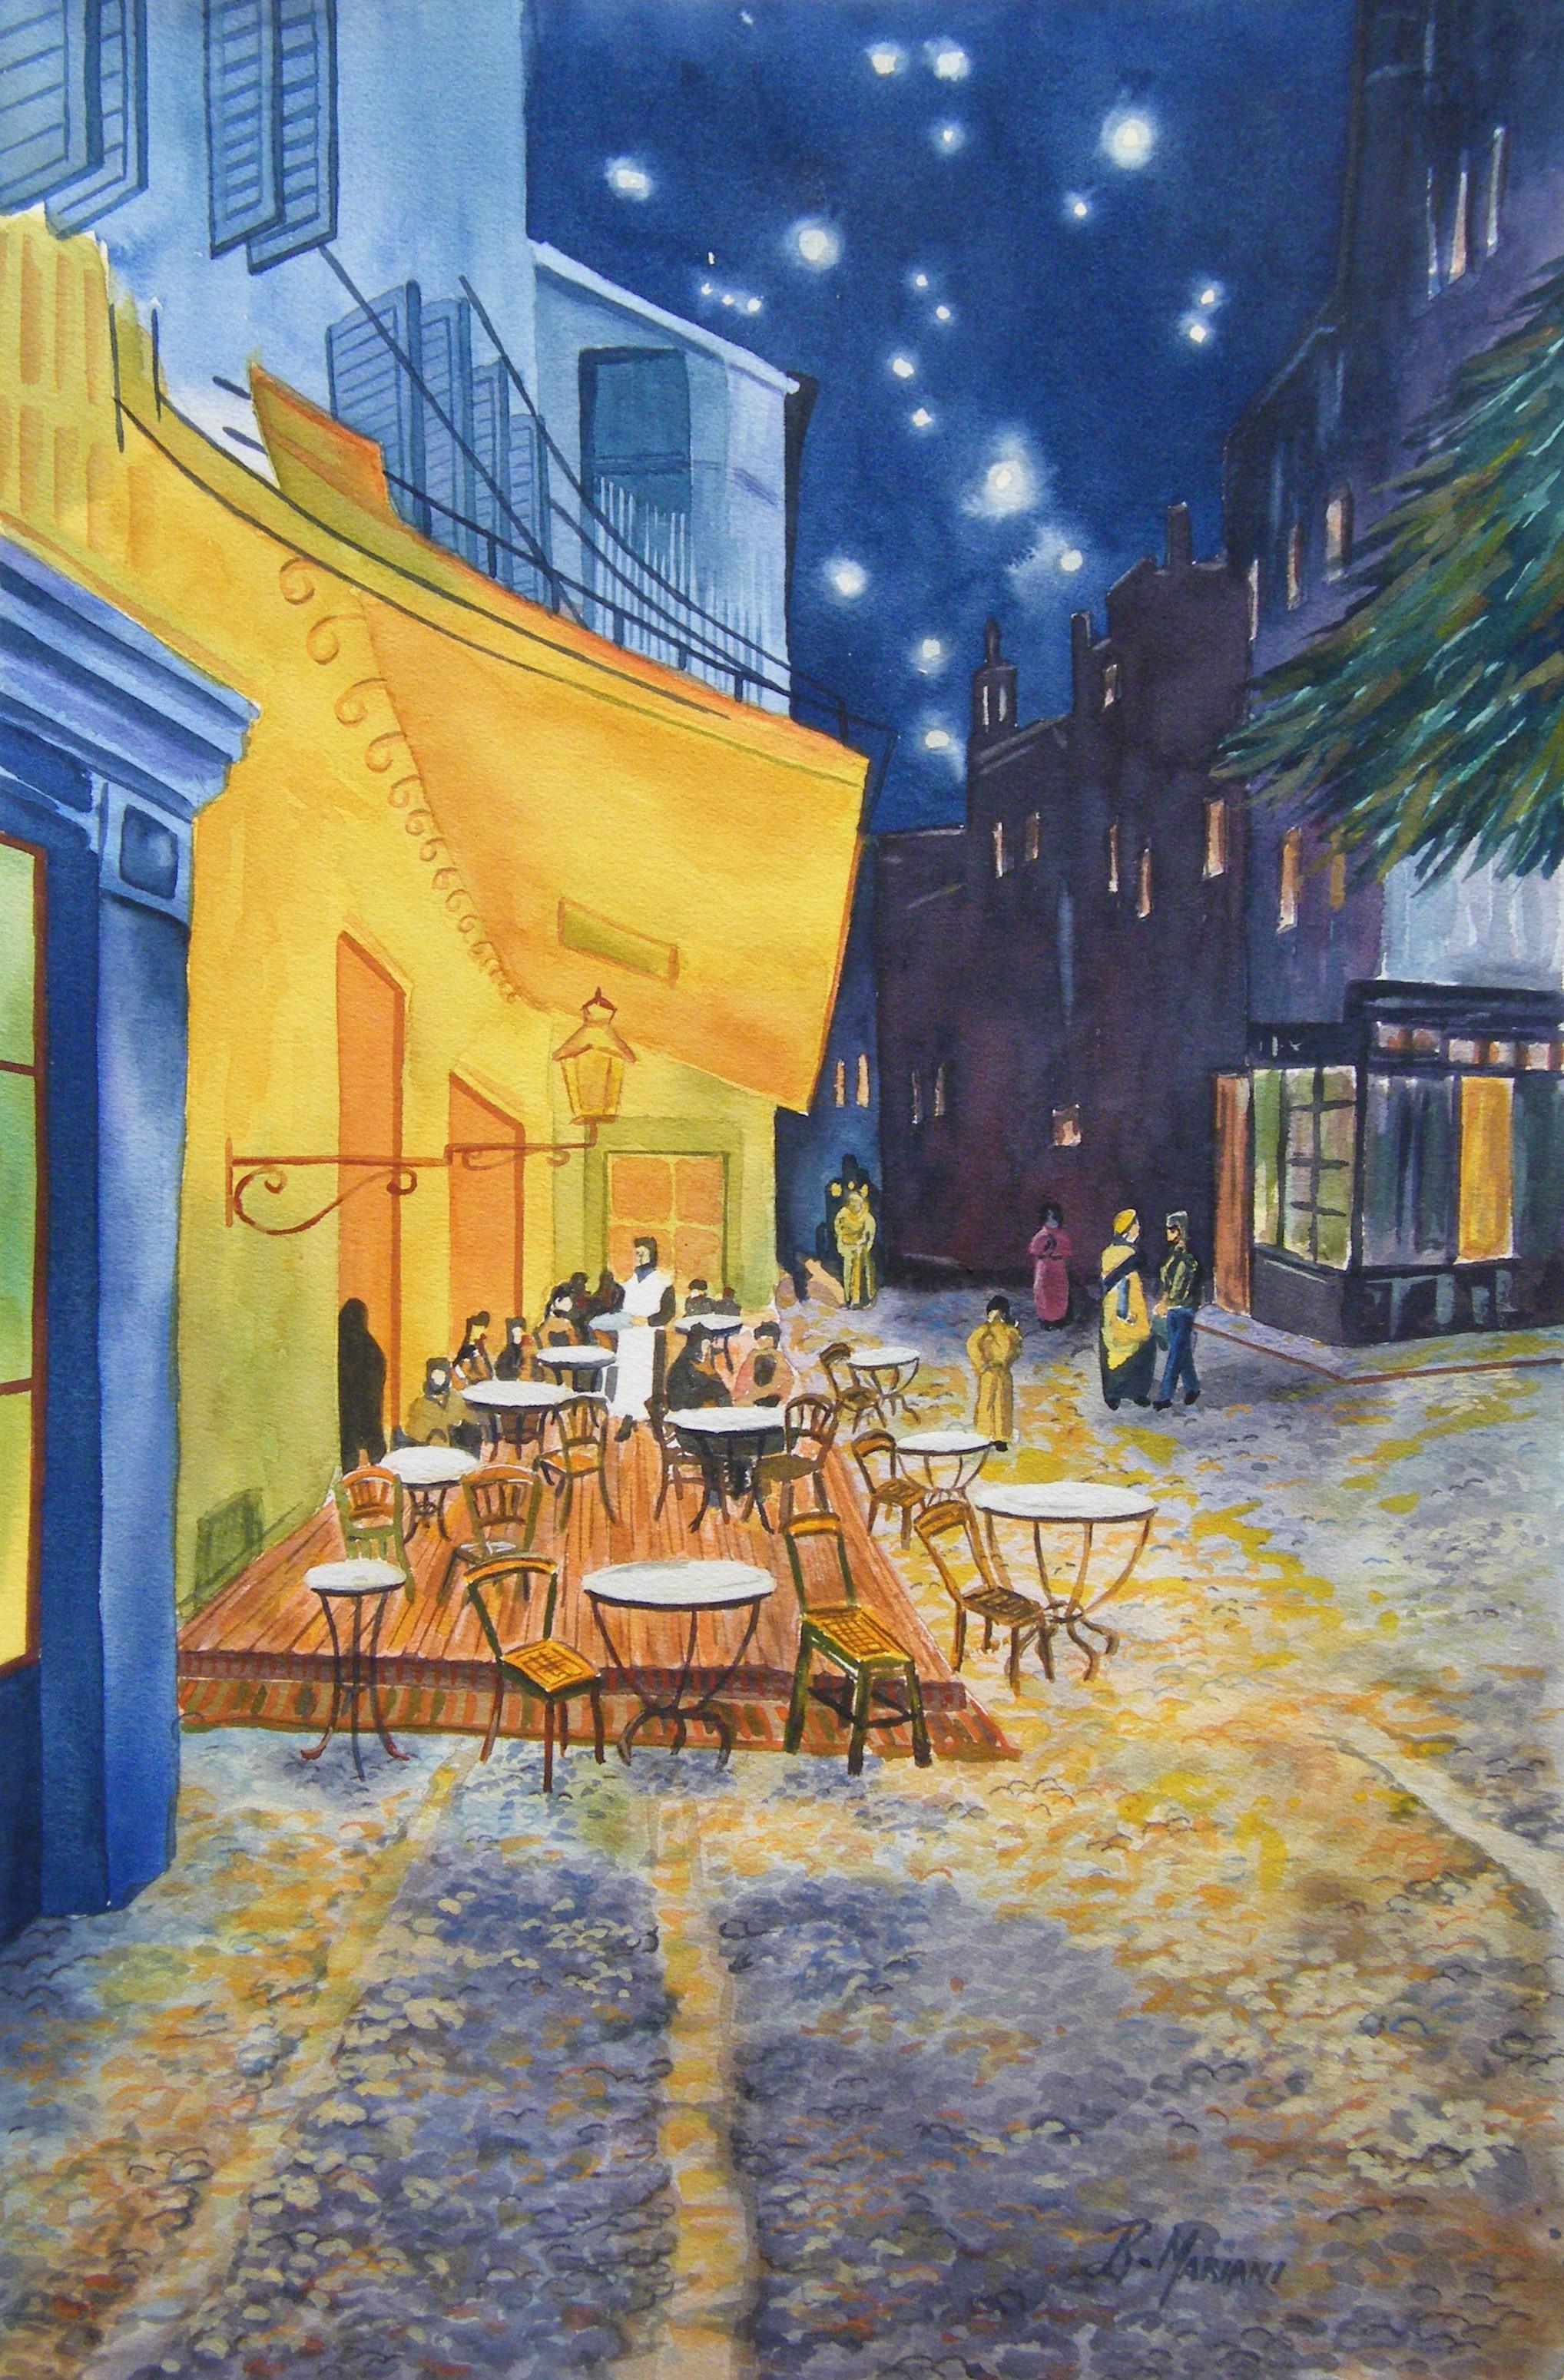 Vincent van gogh wallpaper 63 images - Vincent van gogh wallpaper ...